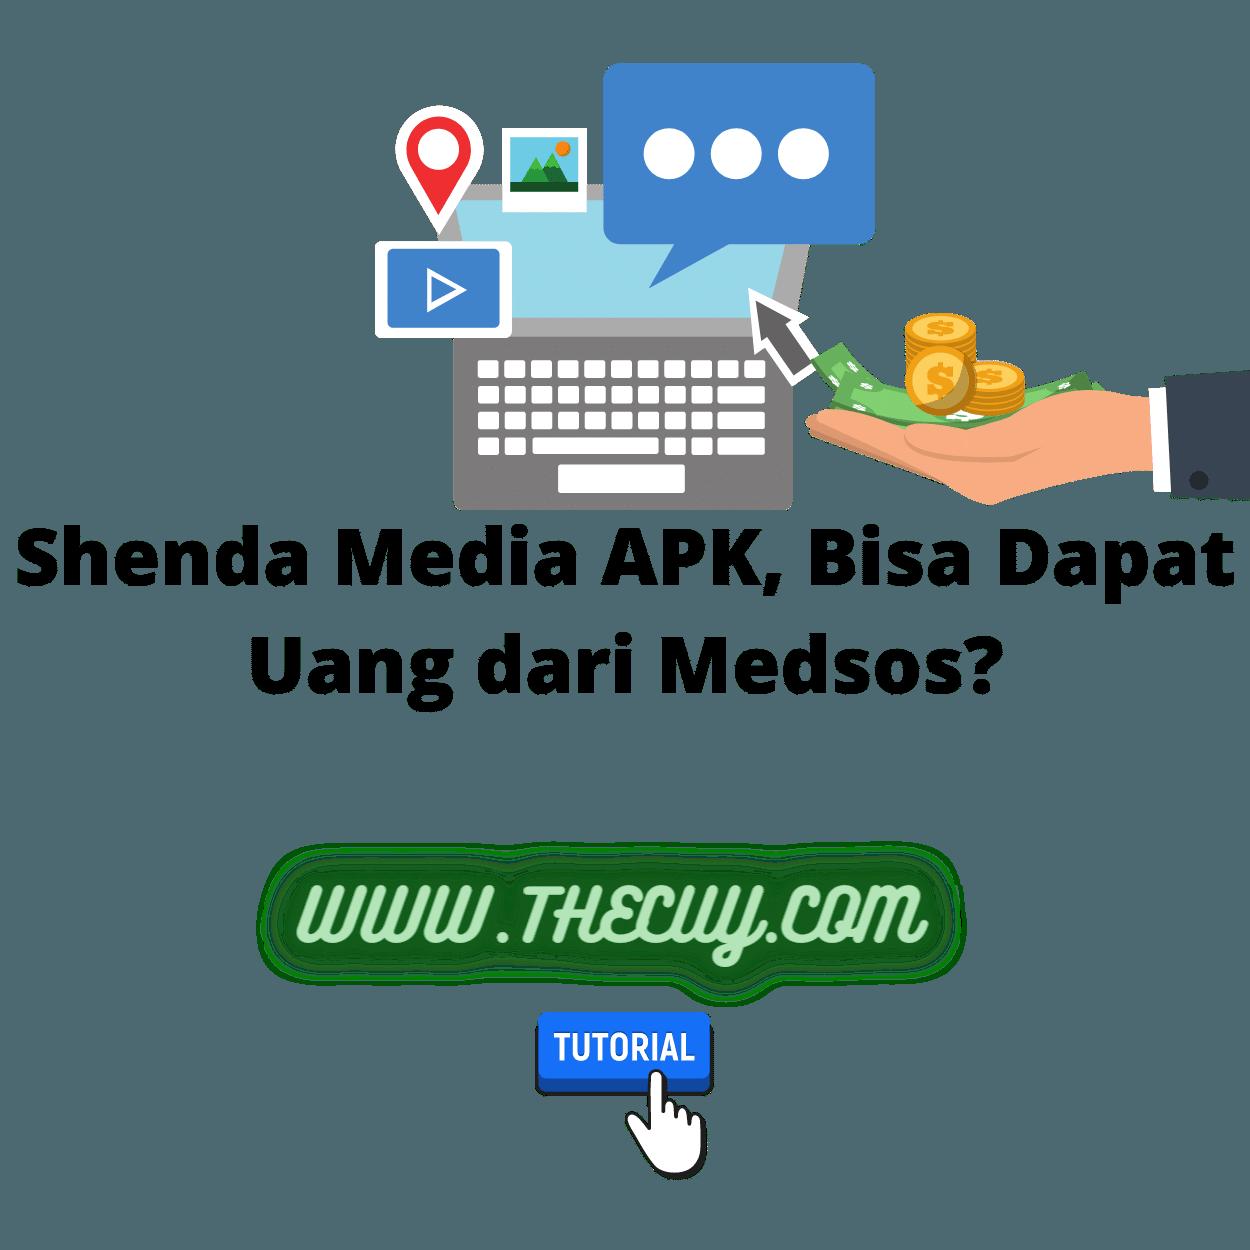 Shenda Media APK, Bisa Dapat Uang dari Medsos?